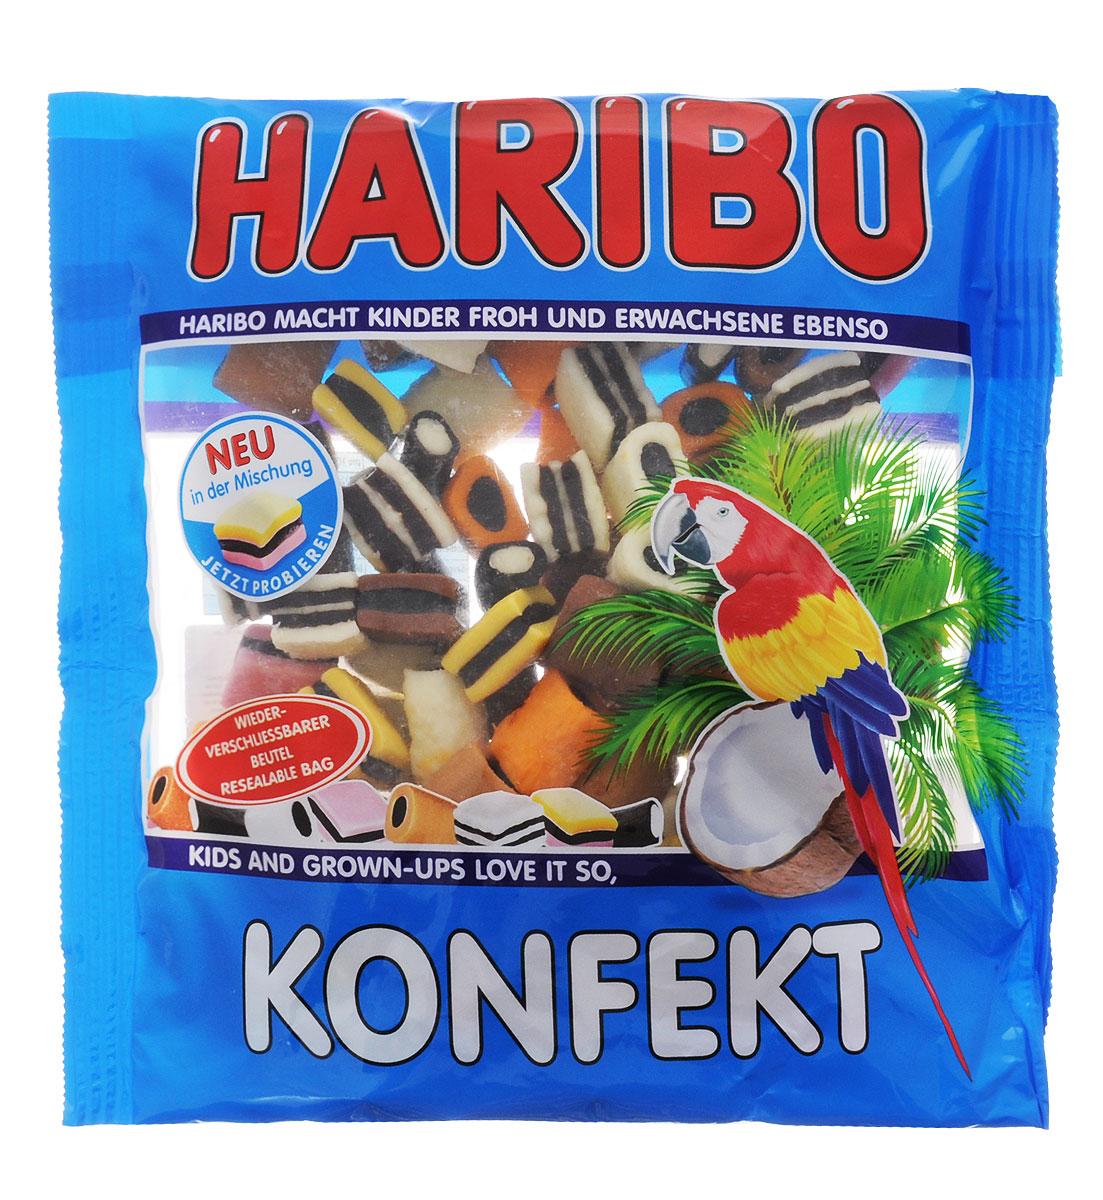 Haribo Konfekt конфеты жевательные с лакрицей и какао, 500 г0120710Вы всегда хотели узнать, что такое лакрица, но боялись попробовать? Haribo Konfekt - это пожалуй лучший способ знакомства с лакричными сладостями! В сочетании с кокосом, какао, лимоном и клубникой, лакрица деликатно раскрывает свой вкус и помогает новичкам познать всю прелесть этой традиционной европейской сладости.